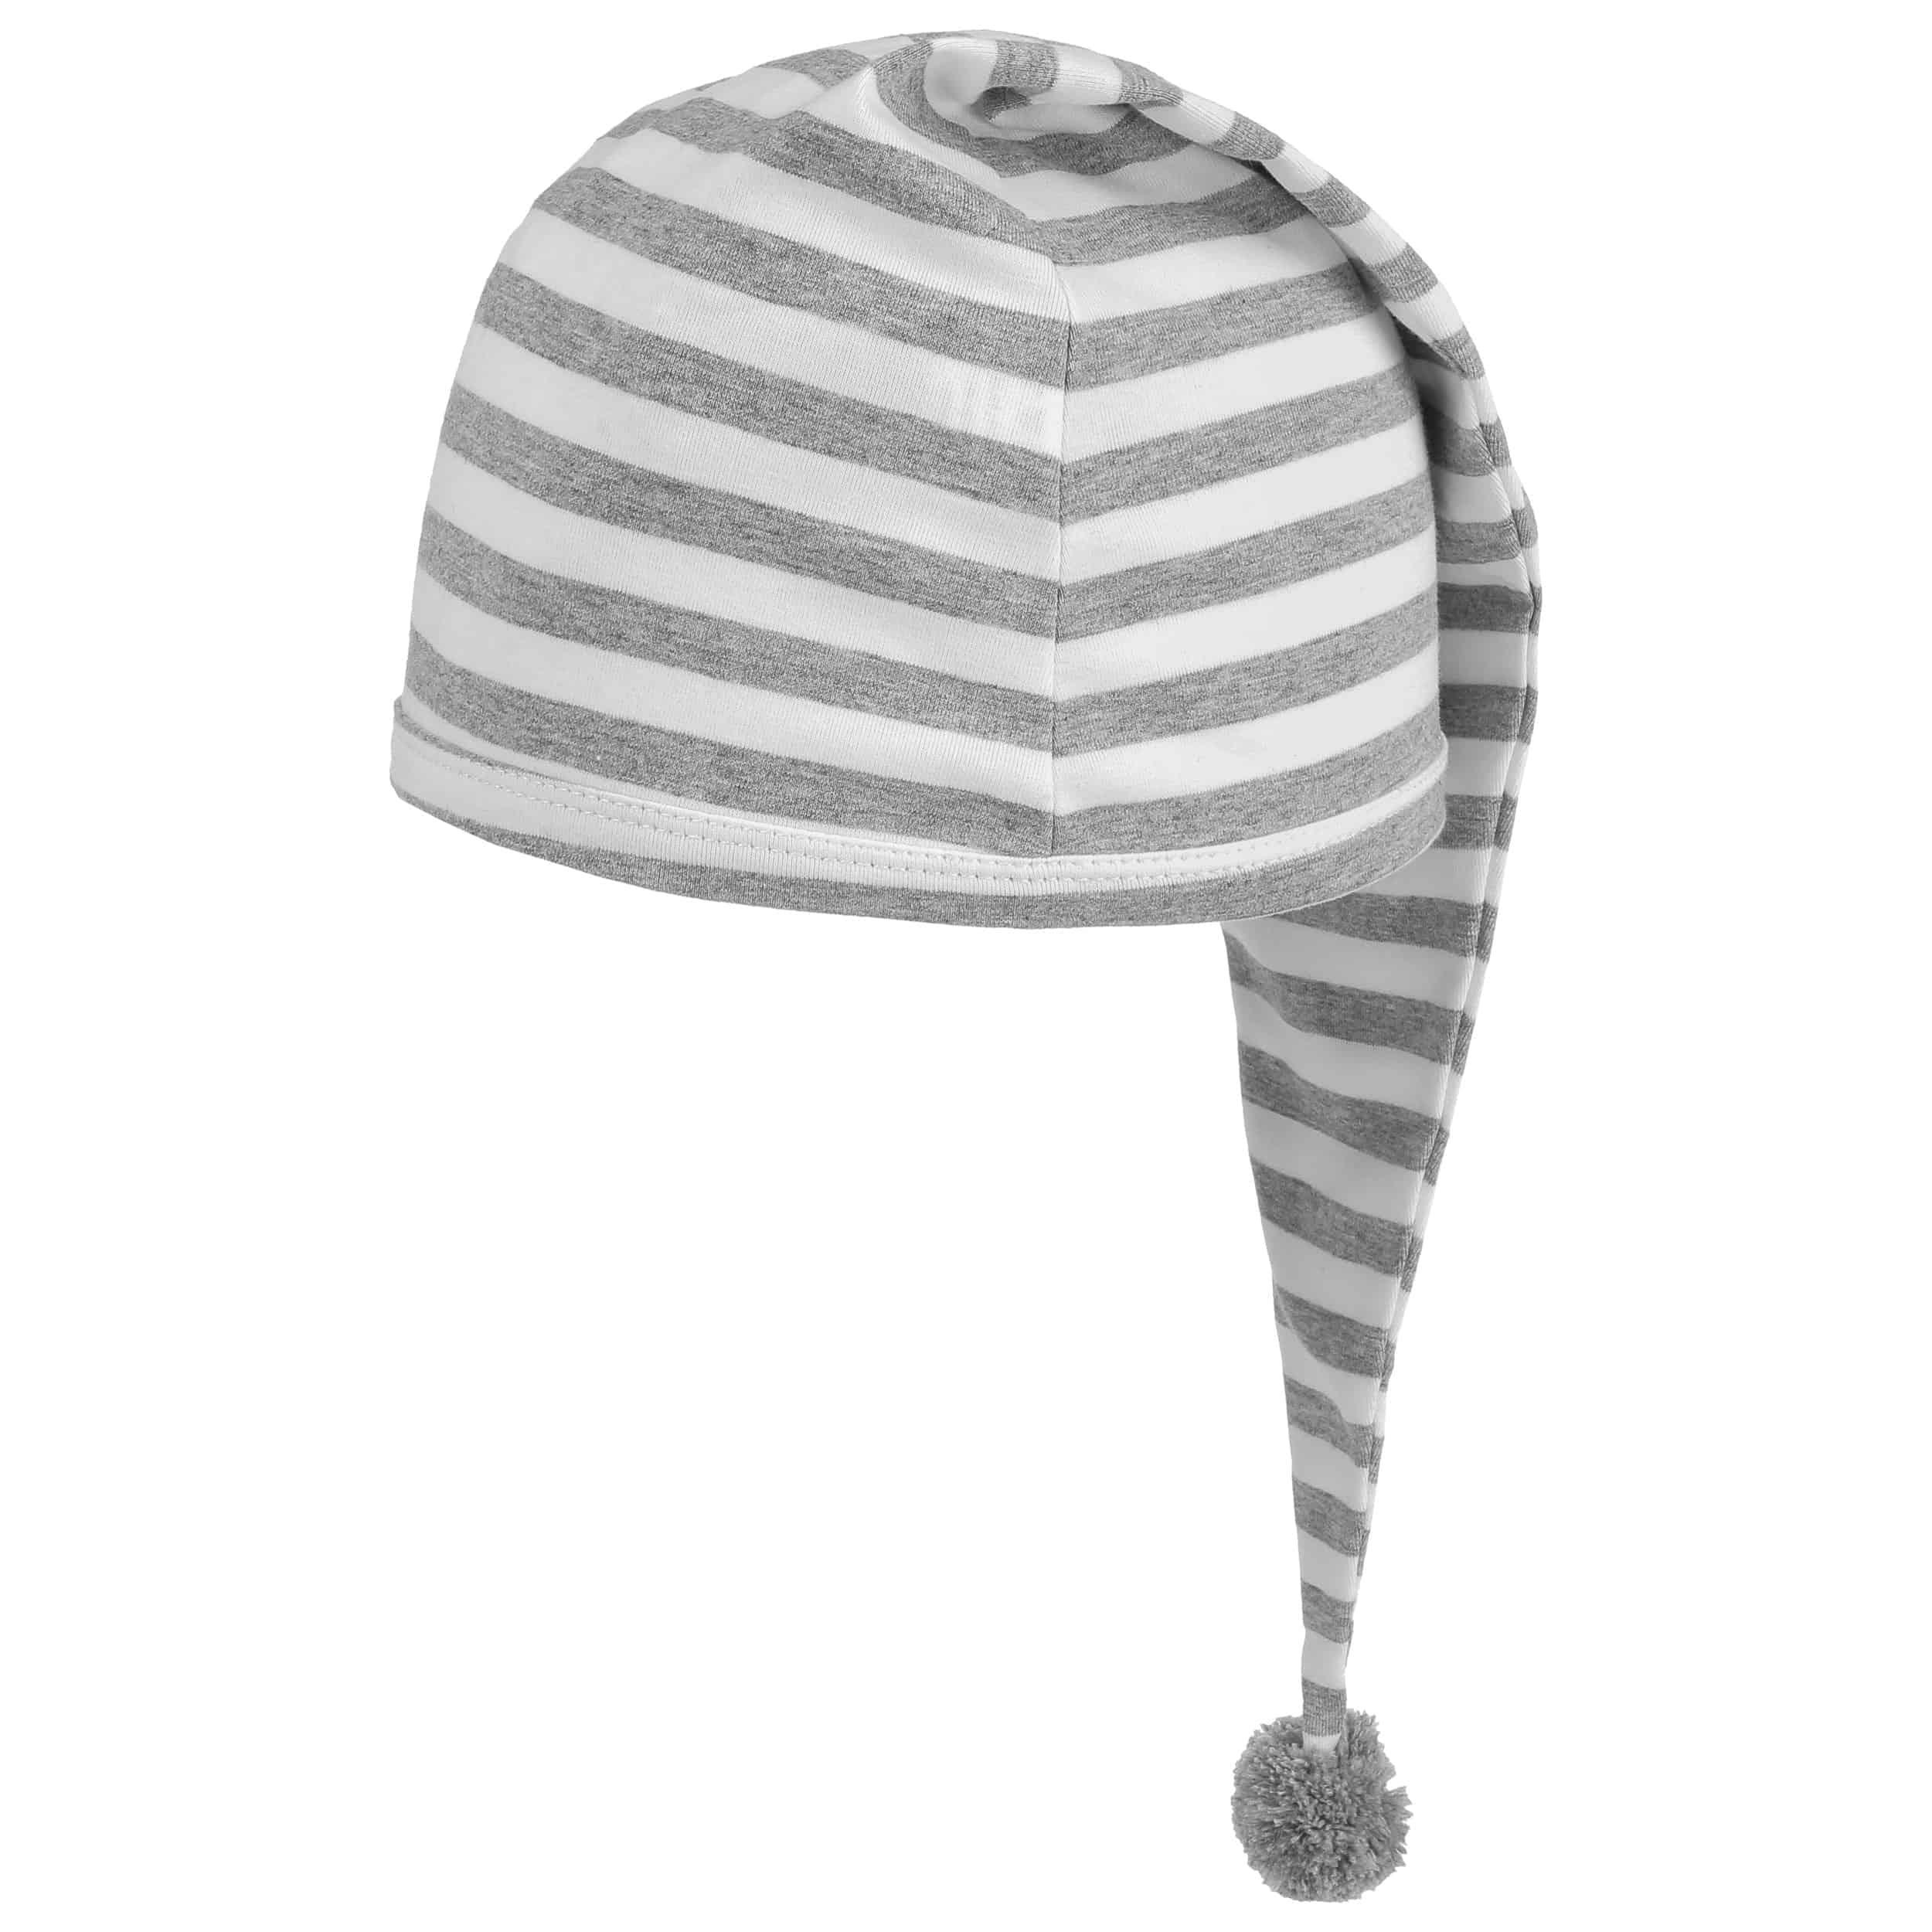 Gorro para Dormir by Lipodo - Gorros - sombreroshop.es 8947c8aaac0